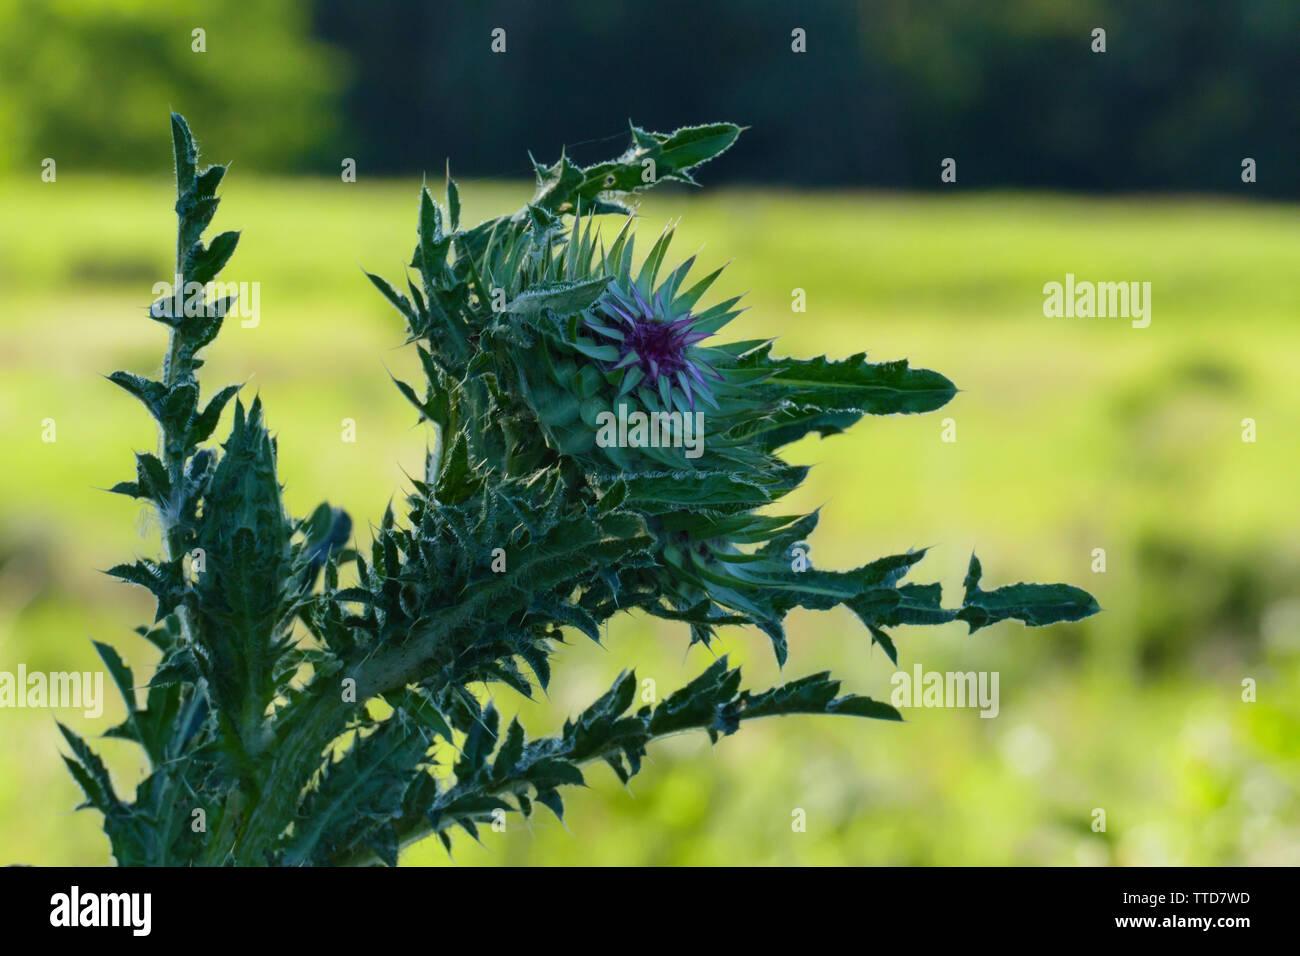 Mariendistel, Christi Krone, lila Blüte auf einer Wiese - Stock Image